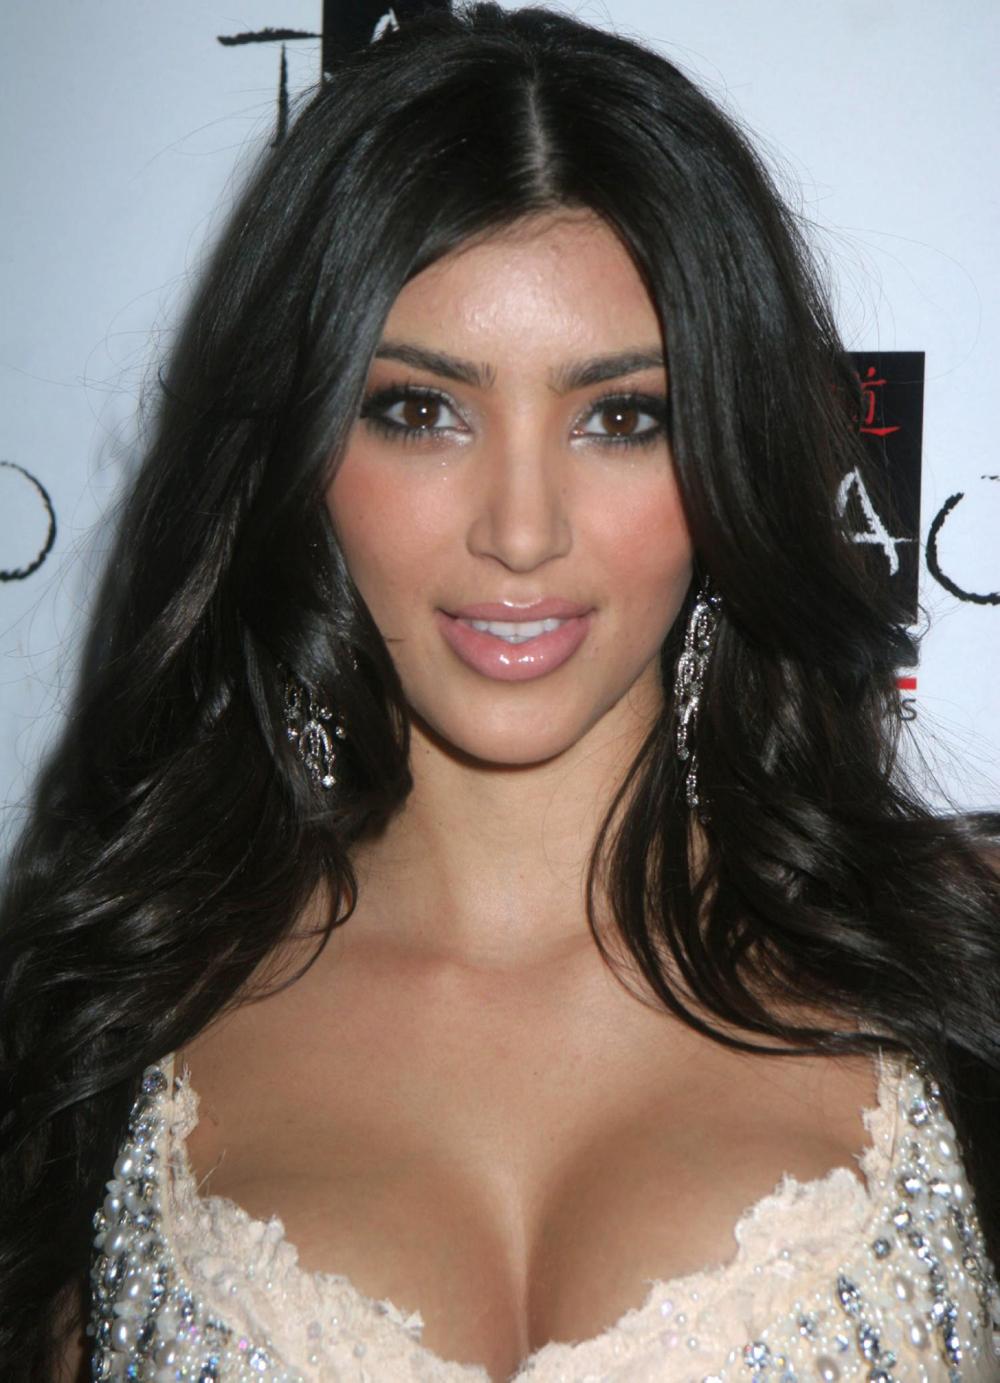 Kim Kardashian Wavy Curls 07